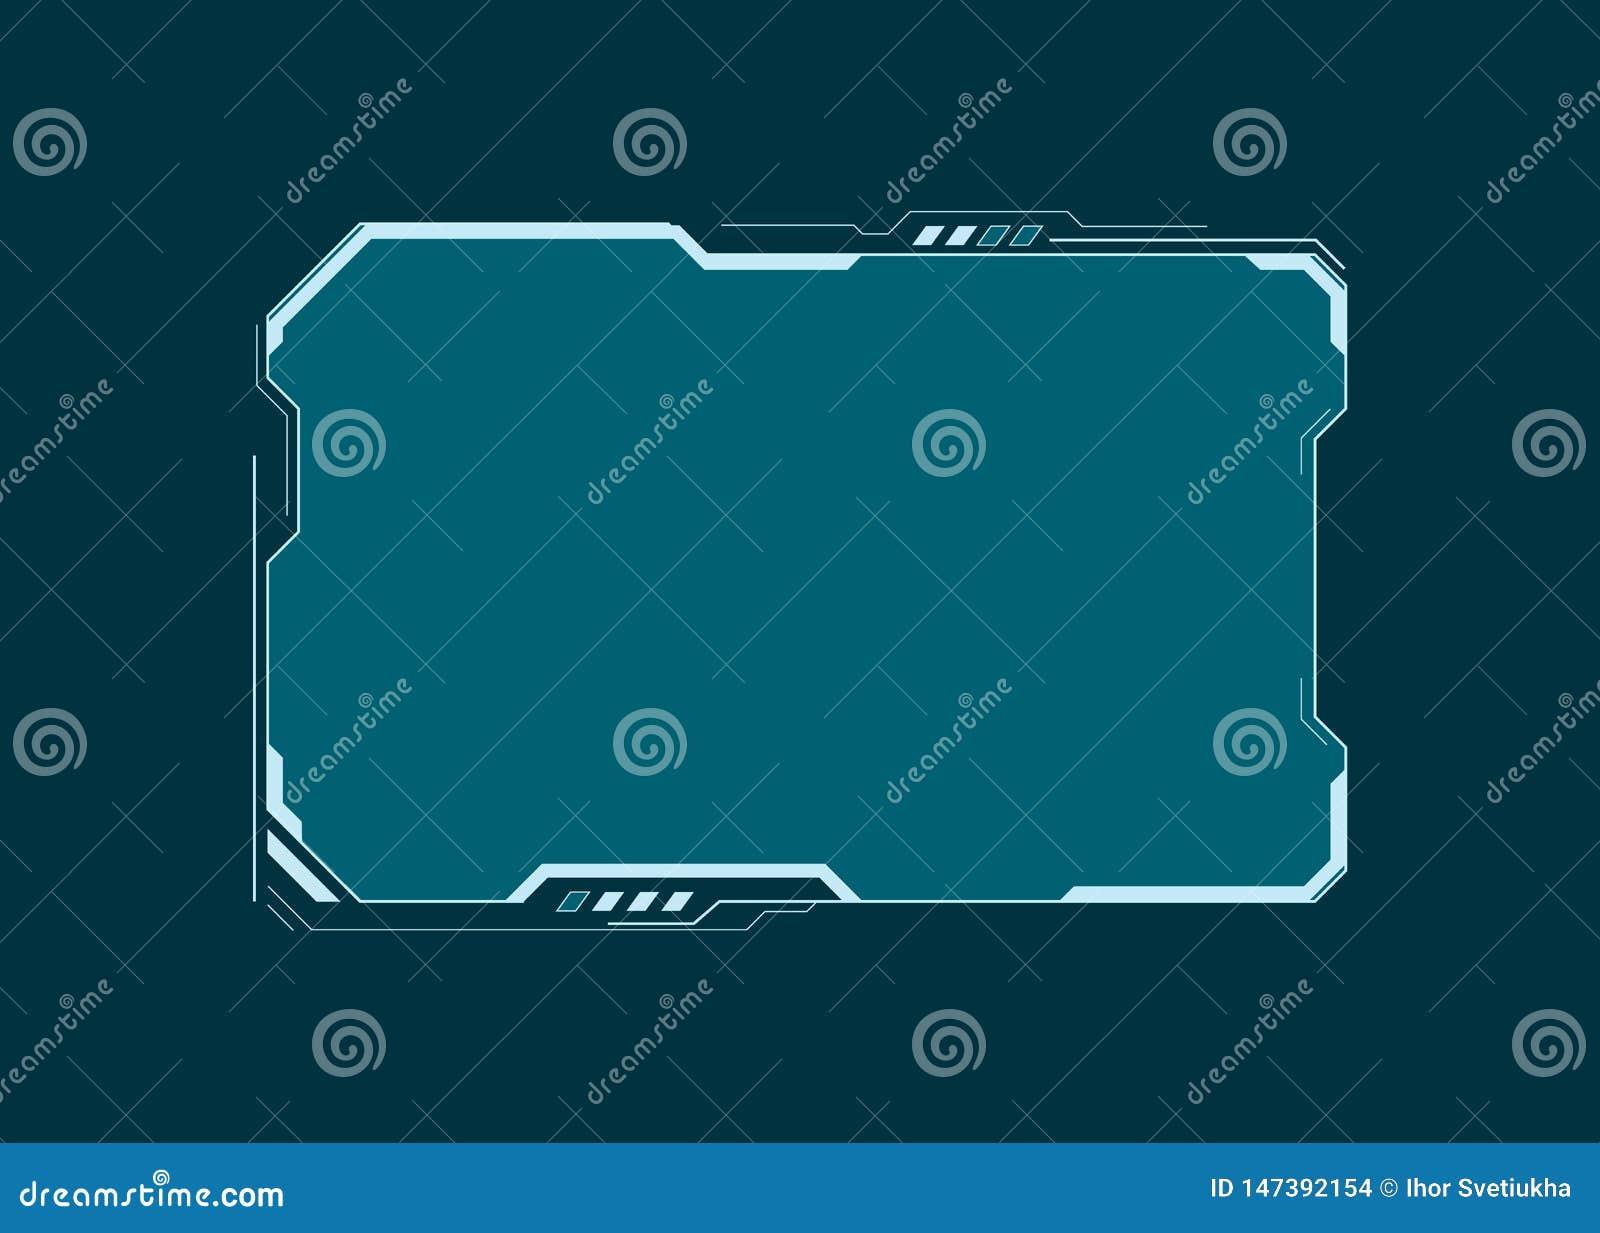 HUD未来派用户界面屏幕组成元素 真正仪表板 抽象控制板布局设计 科学幻想小说真正技术显示